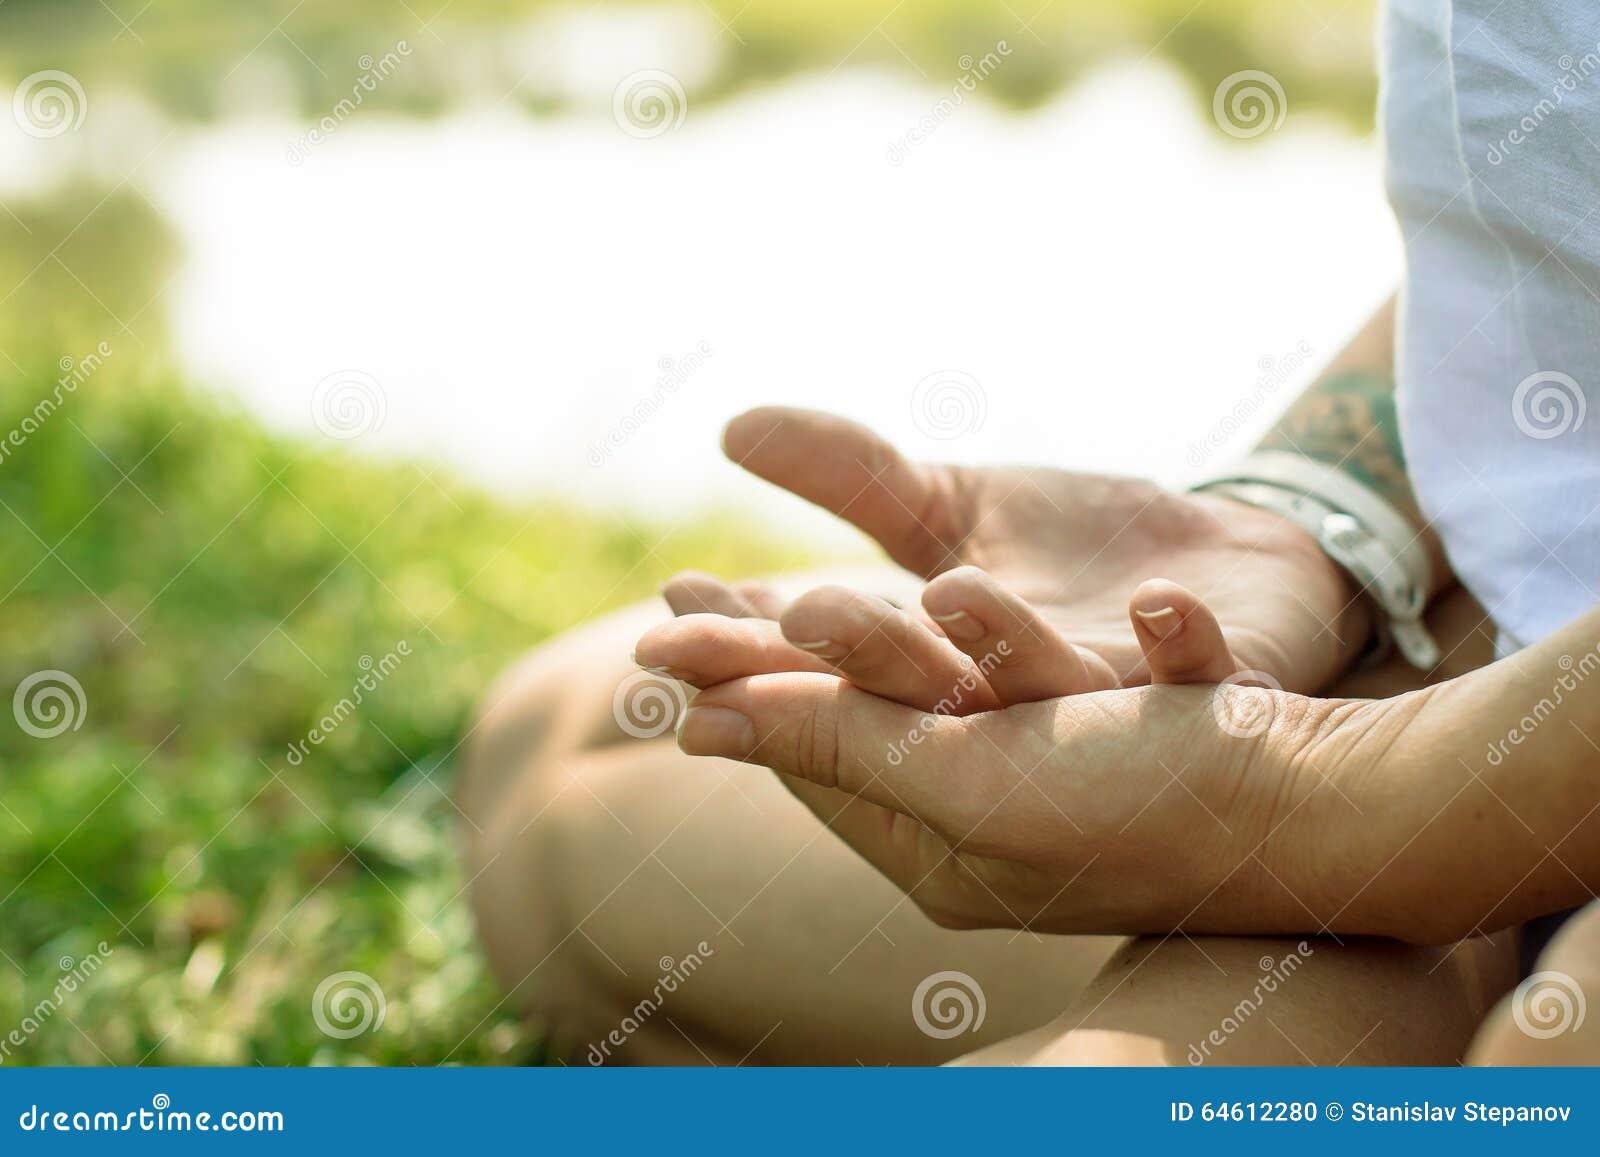 Le plan rapproché des mains femelles a mis dans le mudra de yoga La femme médite